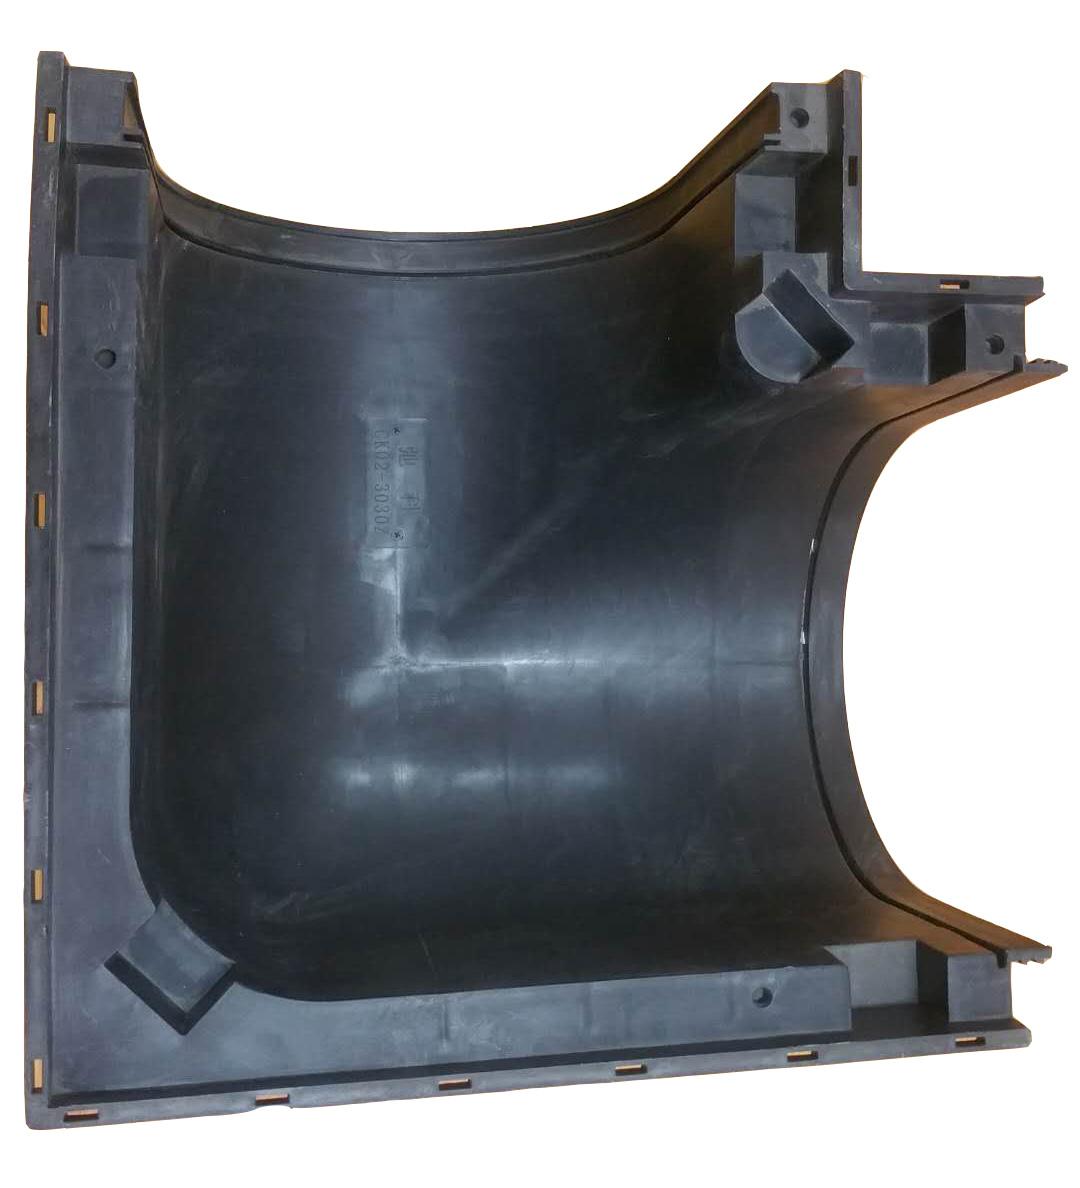 【弛科】转角沟 线性成品排水沟 HDPE转角沟 塑料转角沟  生产厂家直销